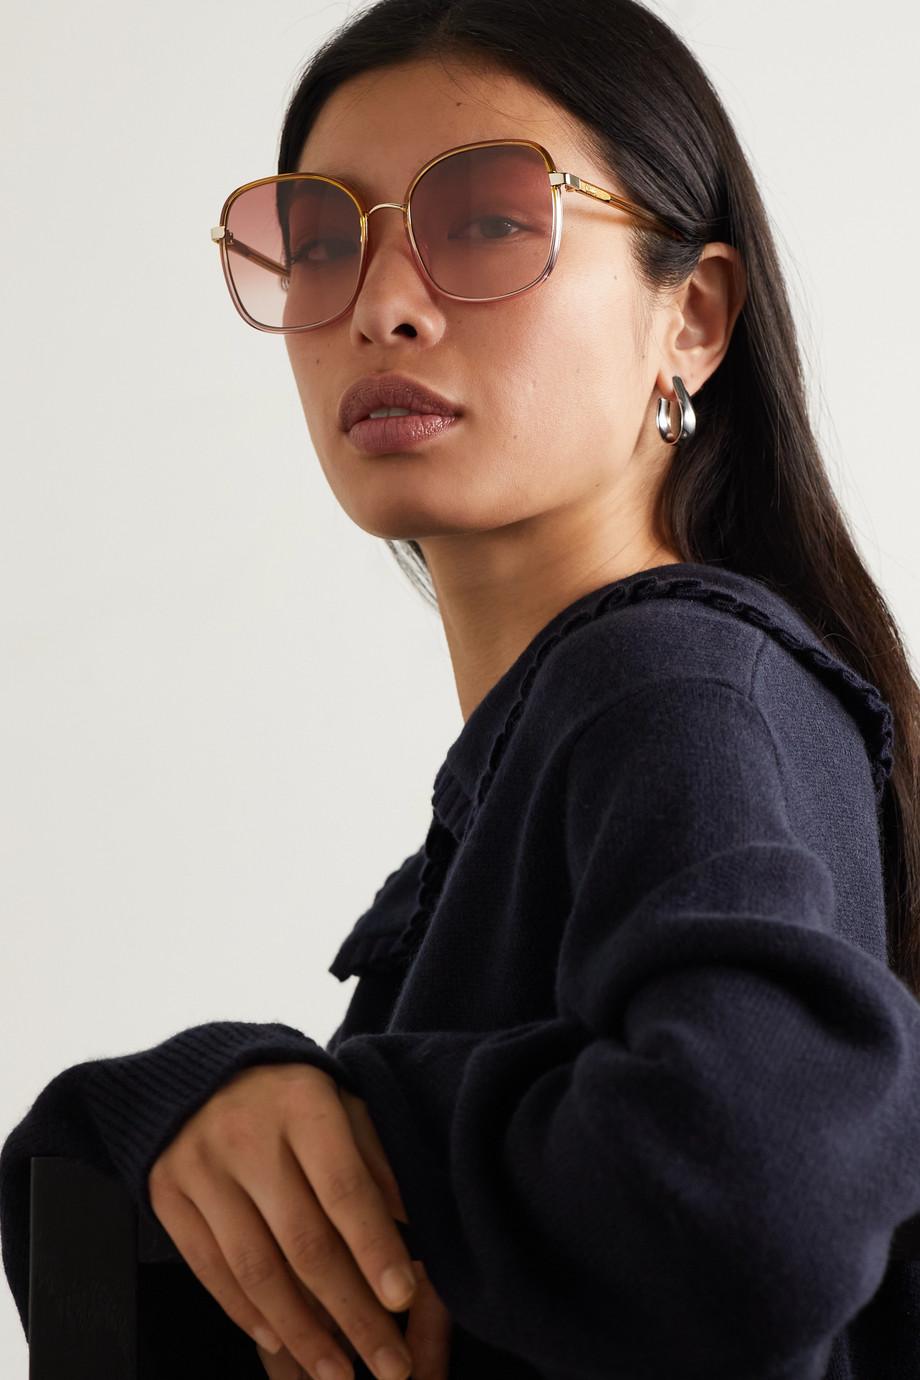 Chloé Franky goldfarbene Sonnenbrille mit eckigem Rahmen und Details aus Azetat